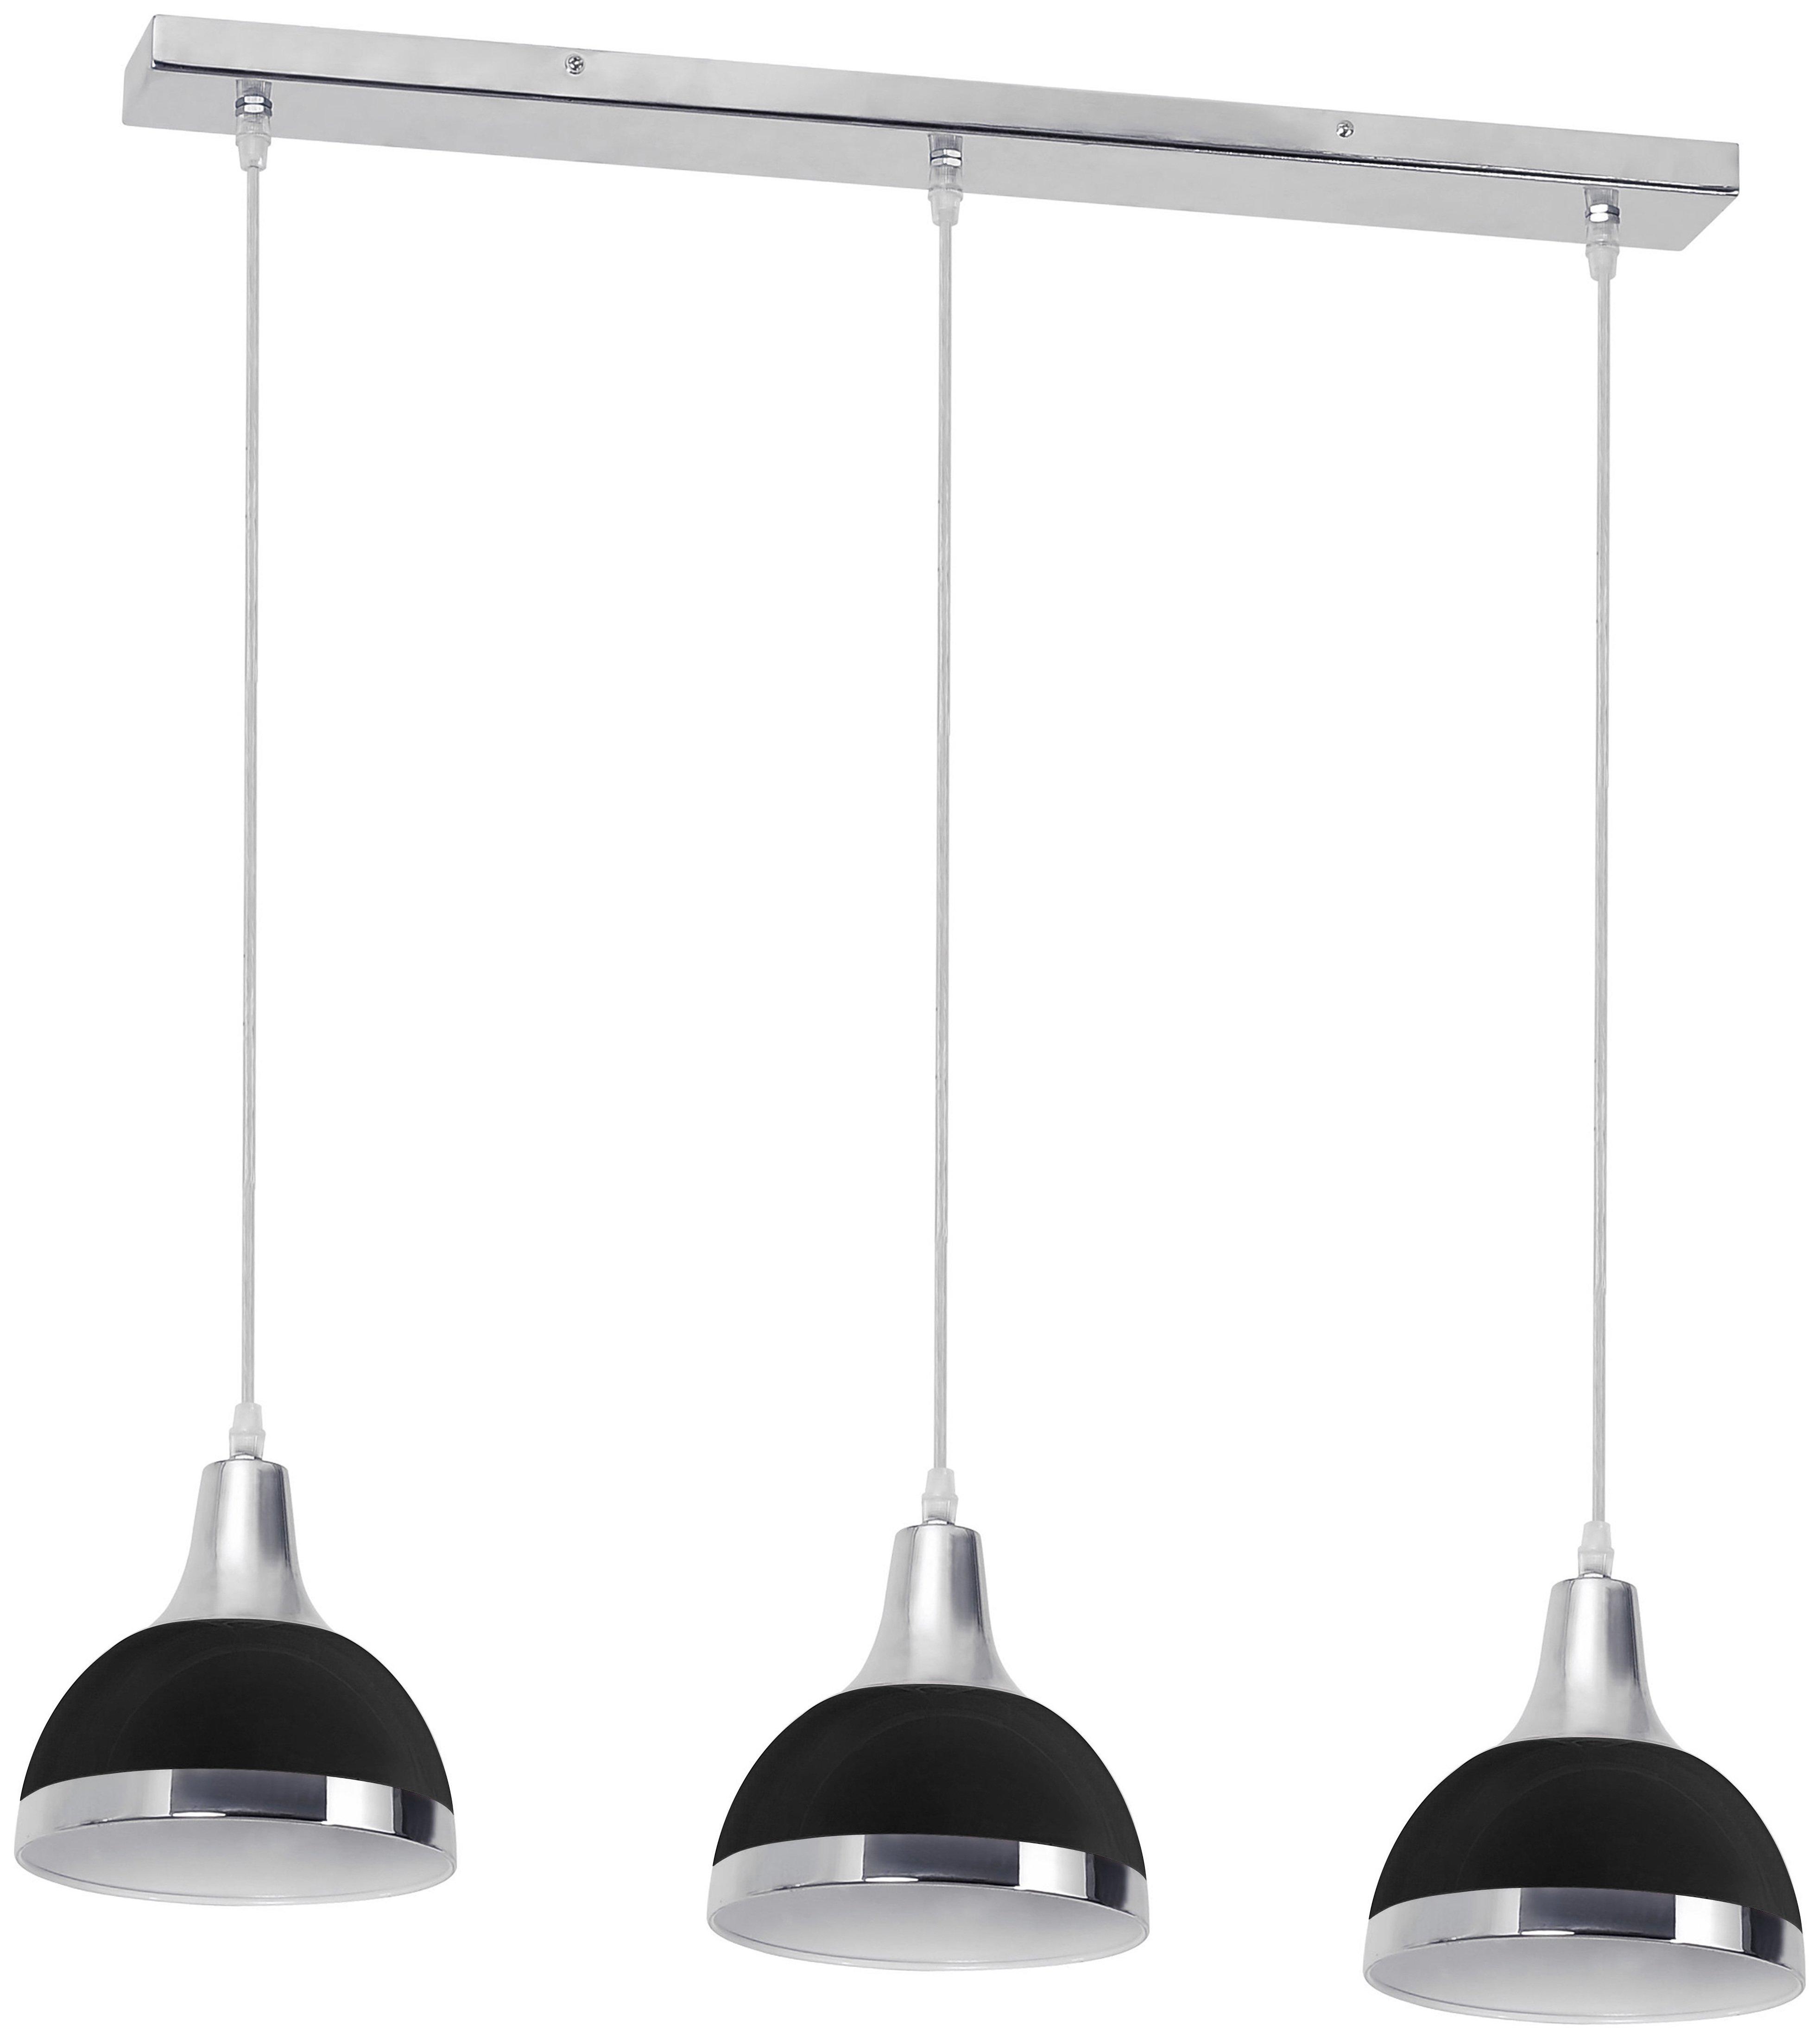 Ceiling Light Shade Argos : Argos lighting cheapest uk